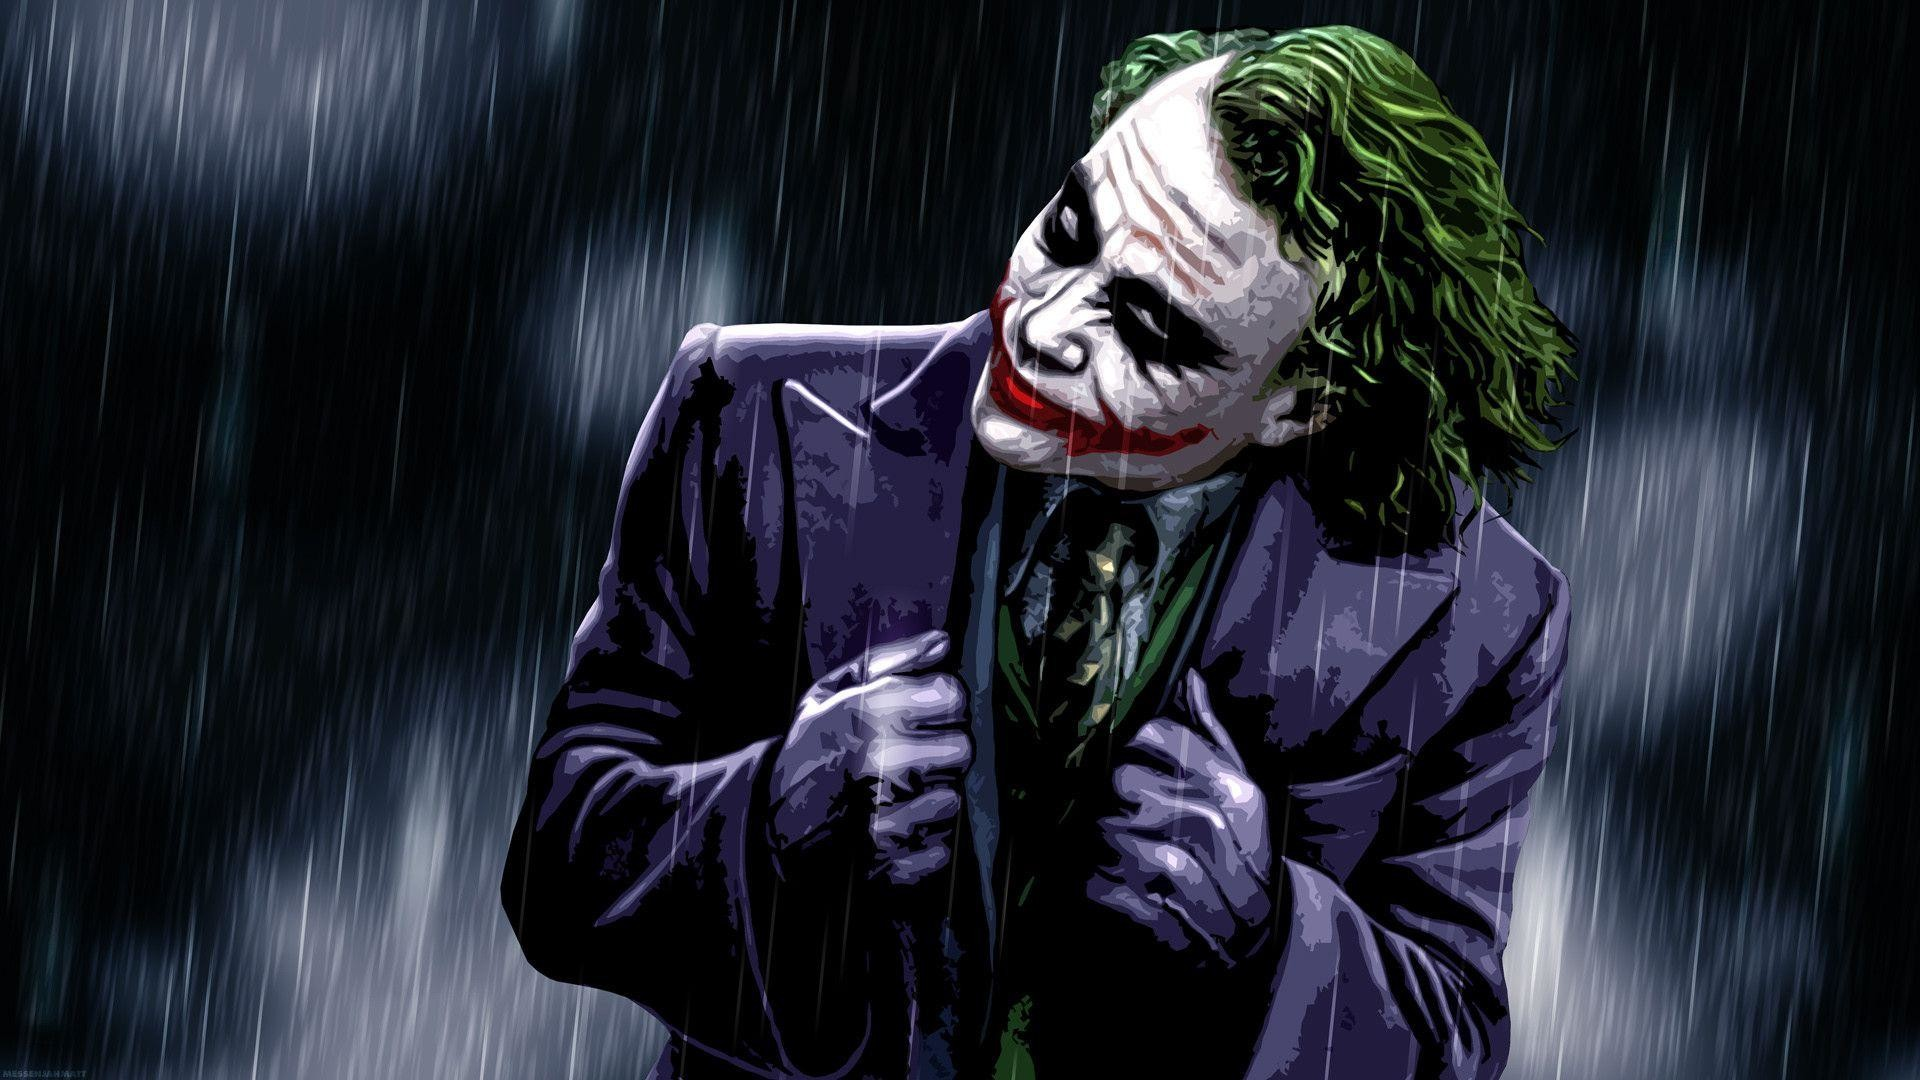 The Dark Knight Joker Wallpaper 86 Images